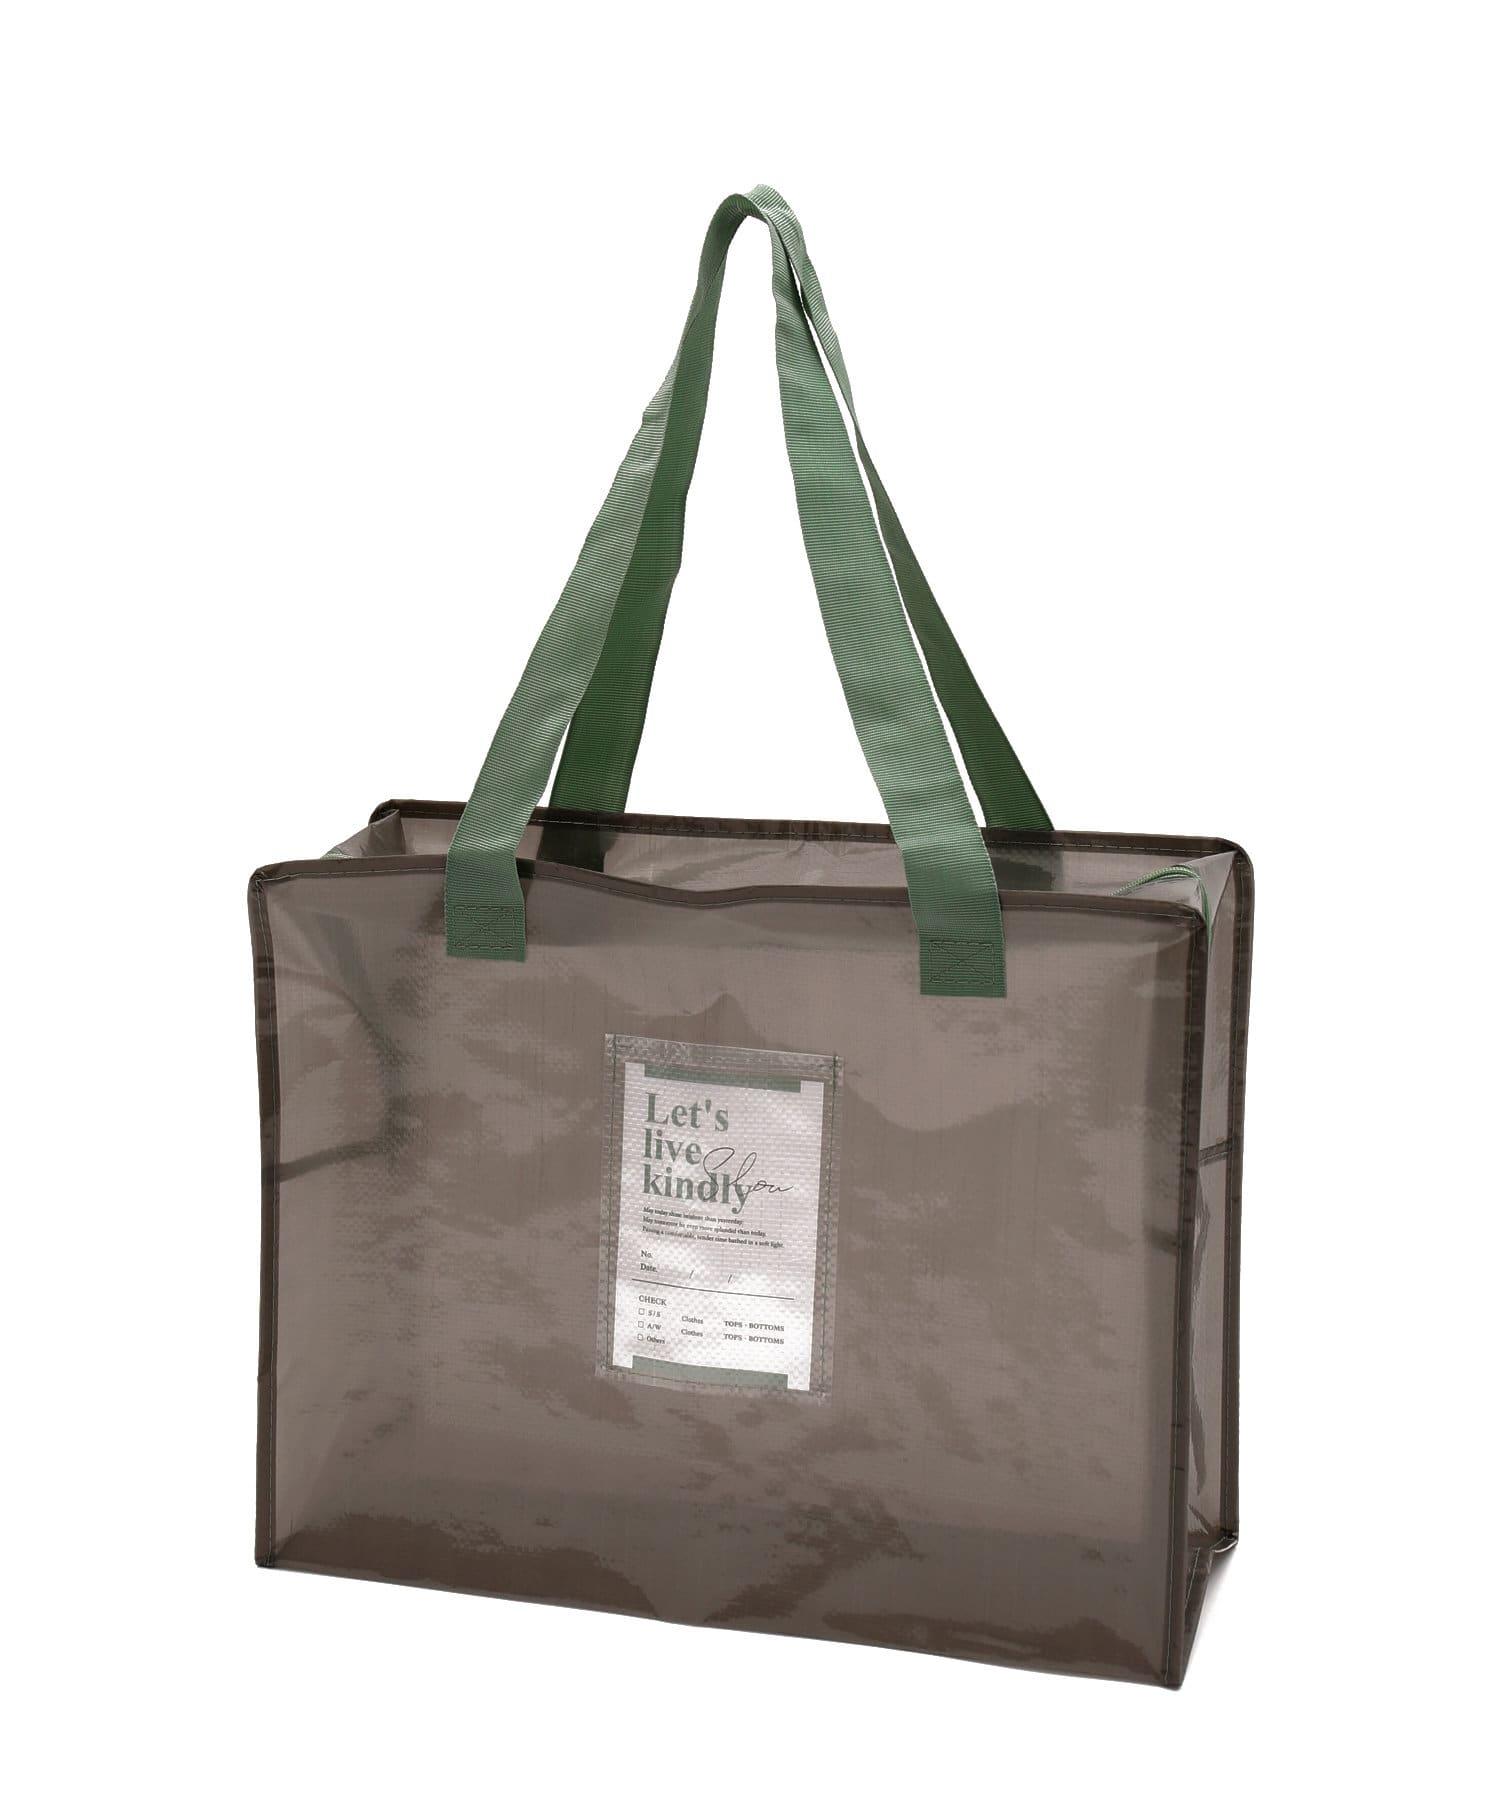 3COINS(スリーコインズ) ライフスタイル 【衣替えやお部屋の整理に】クリアボックスバッグ:Lサイズ グレー